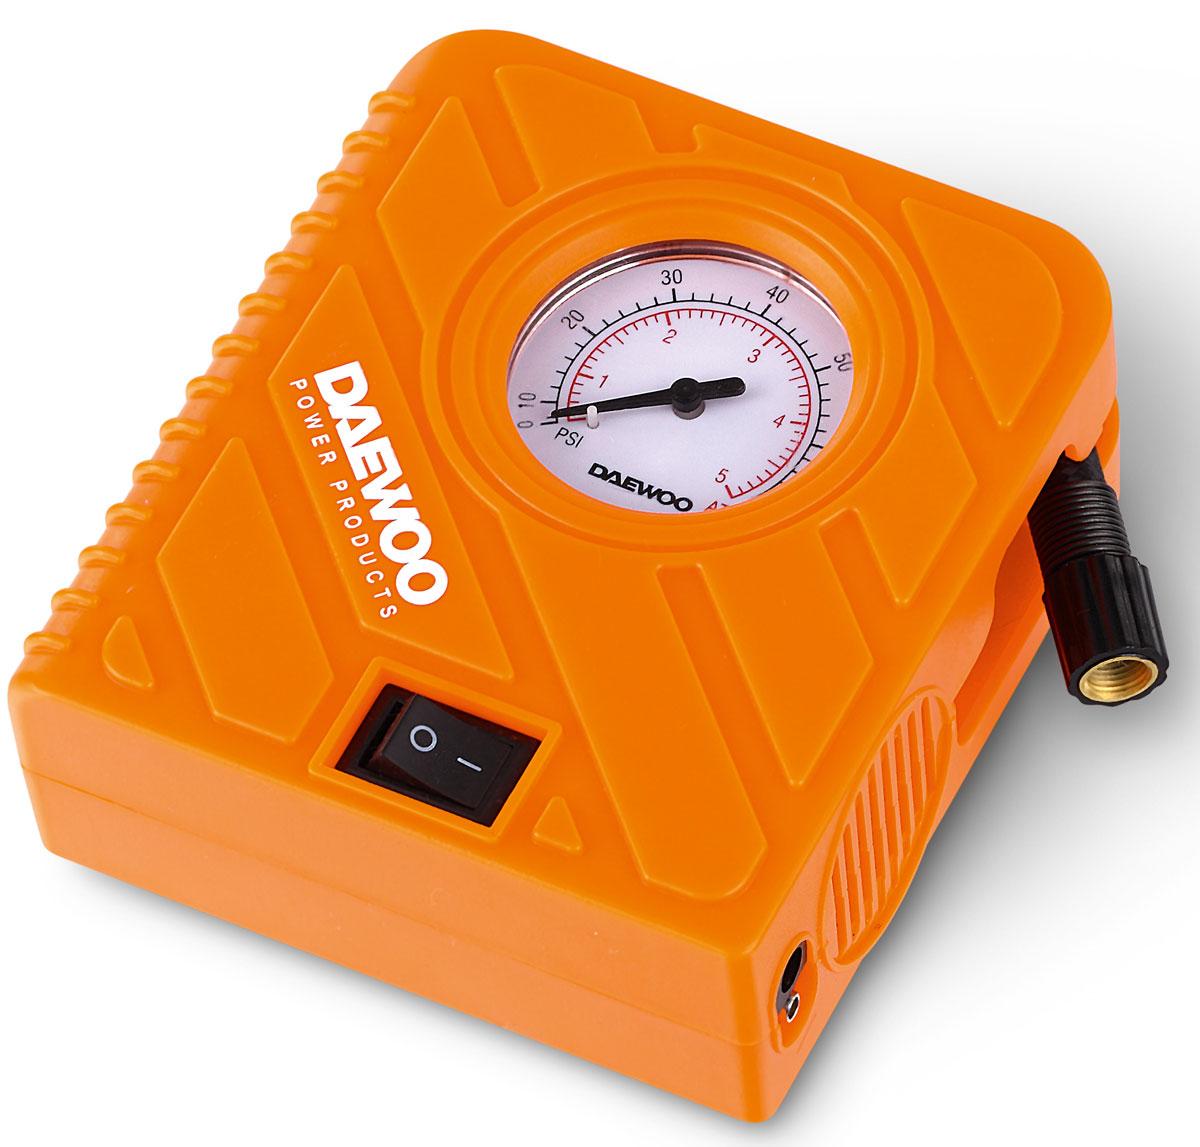 Компрессор автомобильный Daewoo, 20 л/минDW20LКомпрессор DAEWOO DW20L - 20 л/минПроизодительность 20 л/минМаксимальное давление: 5 атмВремя накачивания колеса R15/195/60: 7 мин.Время непрерывной работы: 15 минДлина шланга: 15 смДлина провода: 300 смФонарь: даПредохранитель: 15АТип подключения: штекерСумка